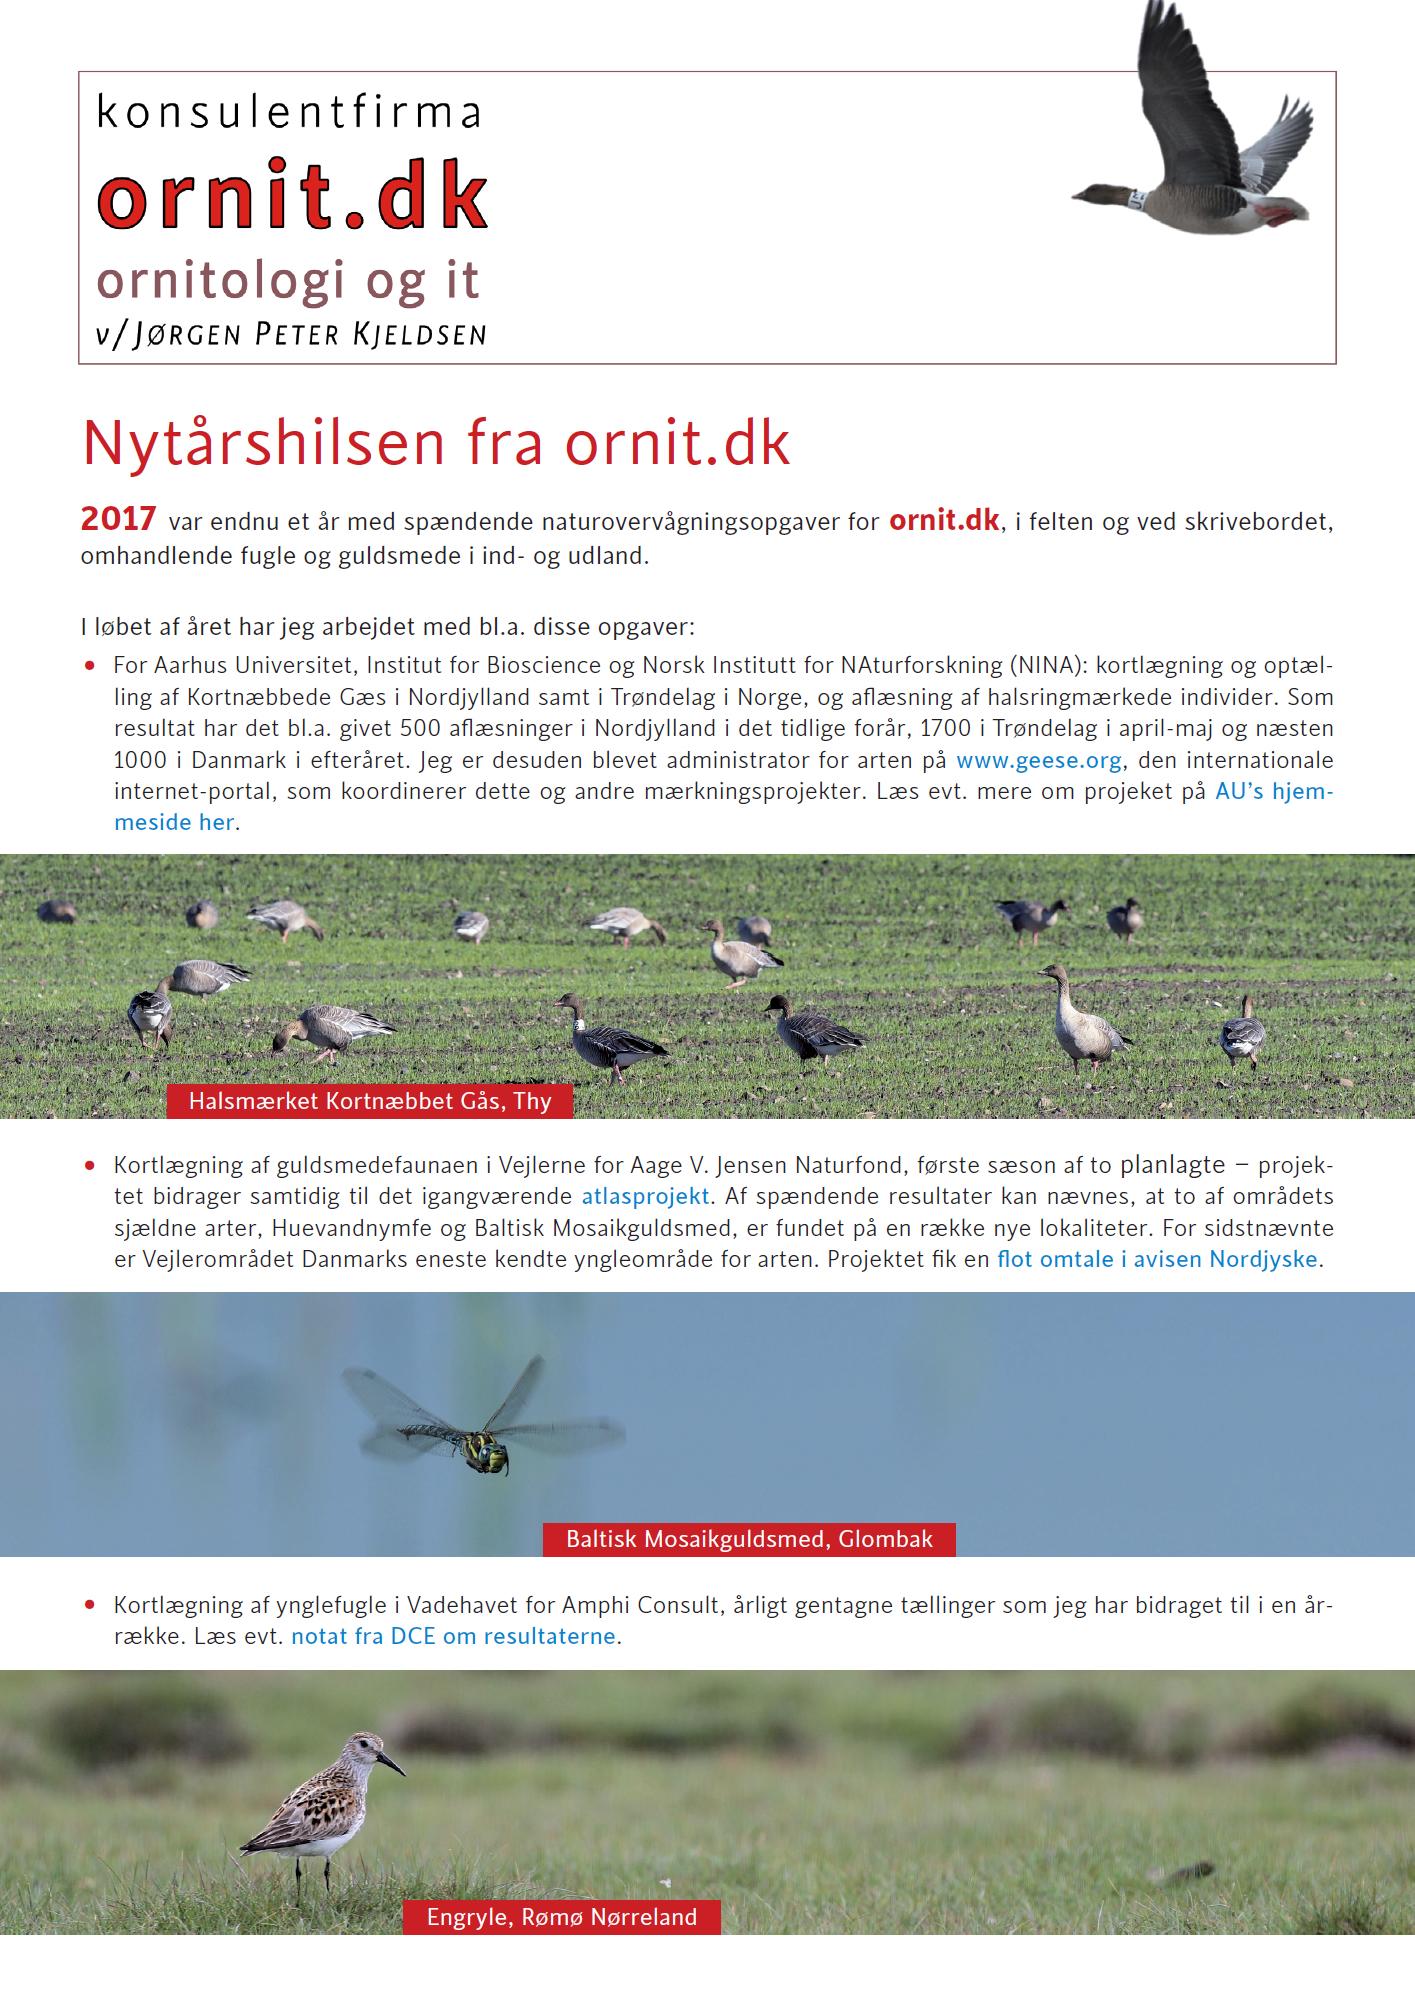 Nytårshilsen 2017 fra ornit.dk